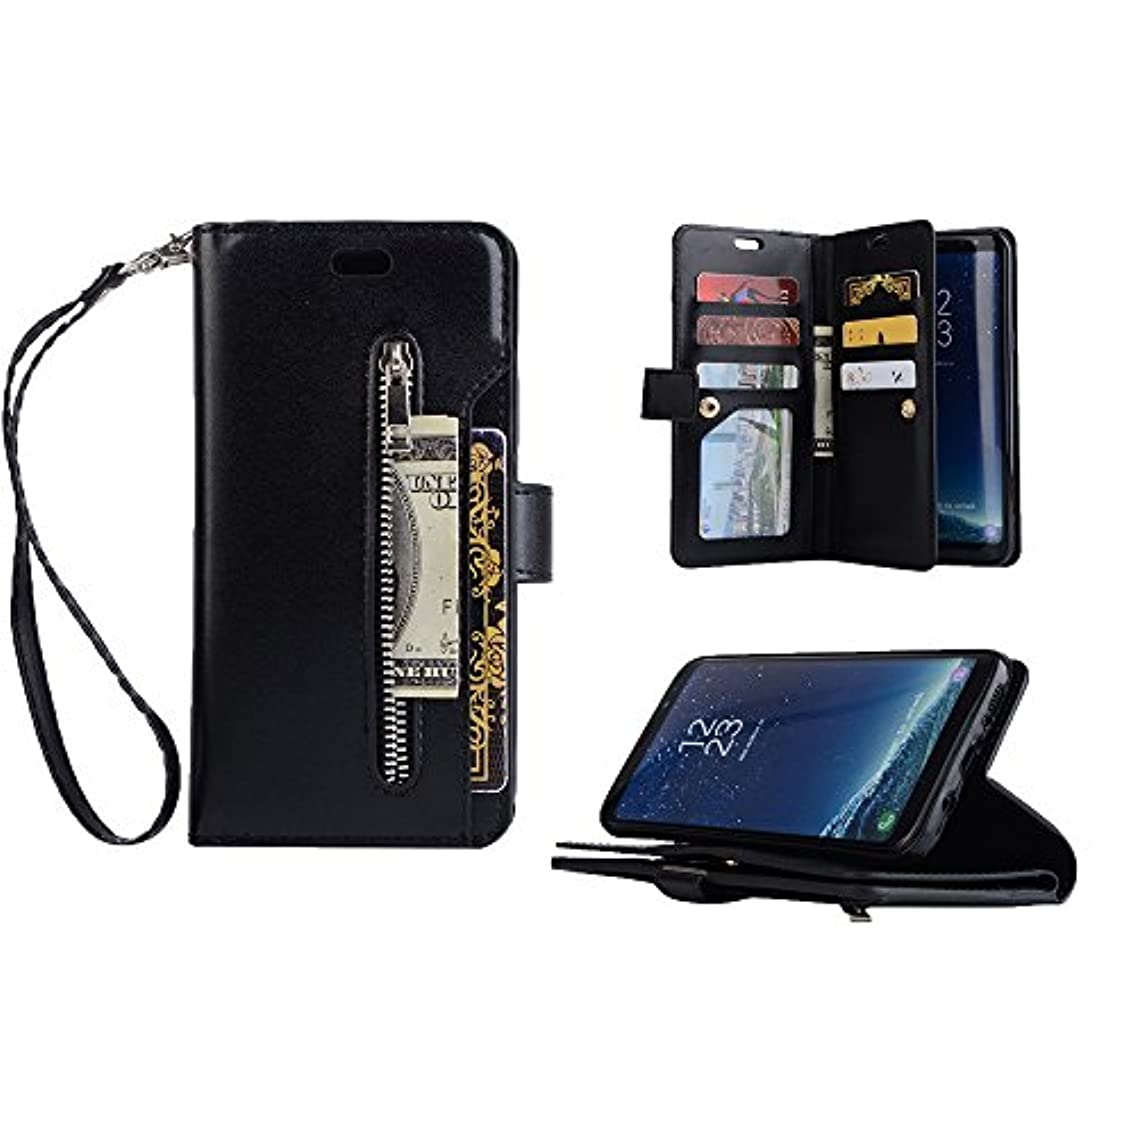 性格パブシャーロットブロンテGalaxy S8 Plus おしゃれカバー PUレザー カード収納 スタンド機能 ストラップ付き 手帳型ケース ギャラクシー S8 Plus対応 ブラックメンズ かっこいい ビジネス